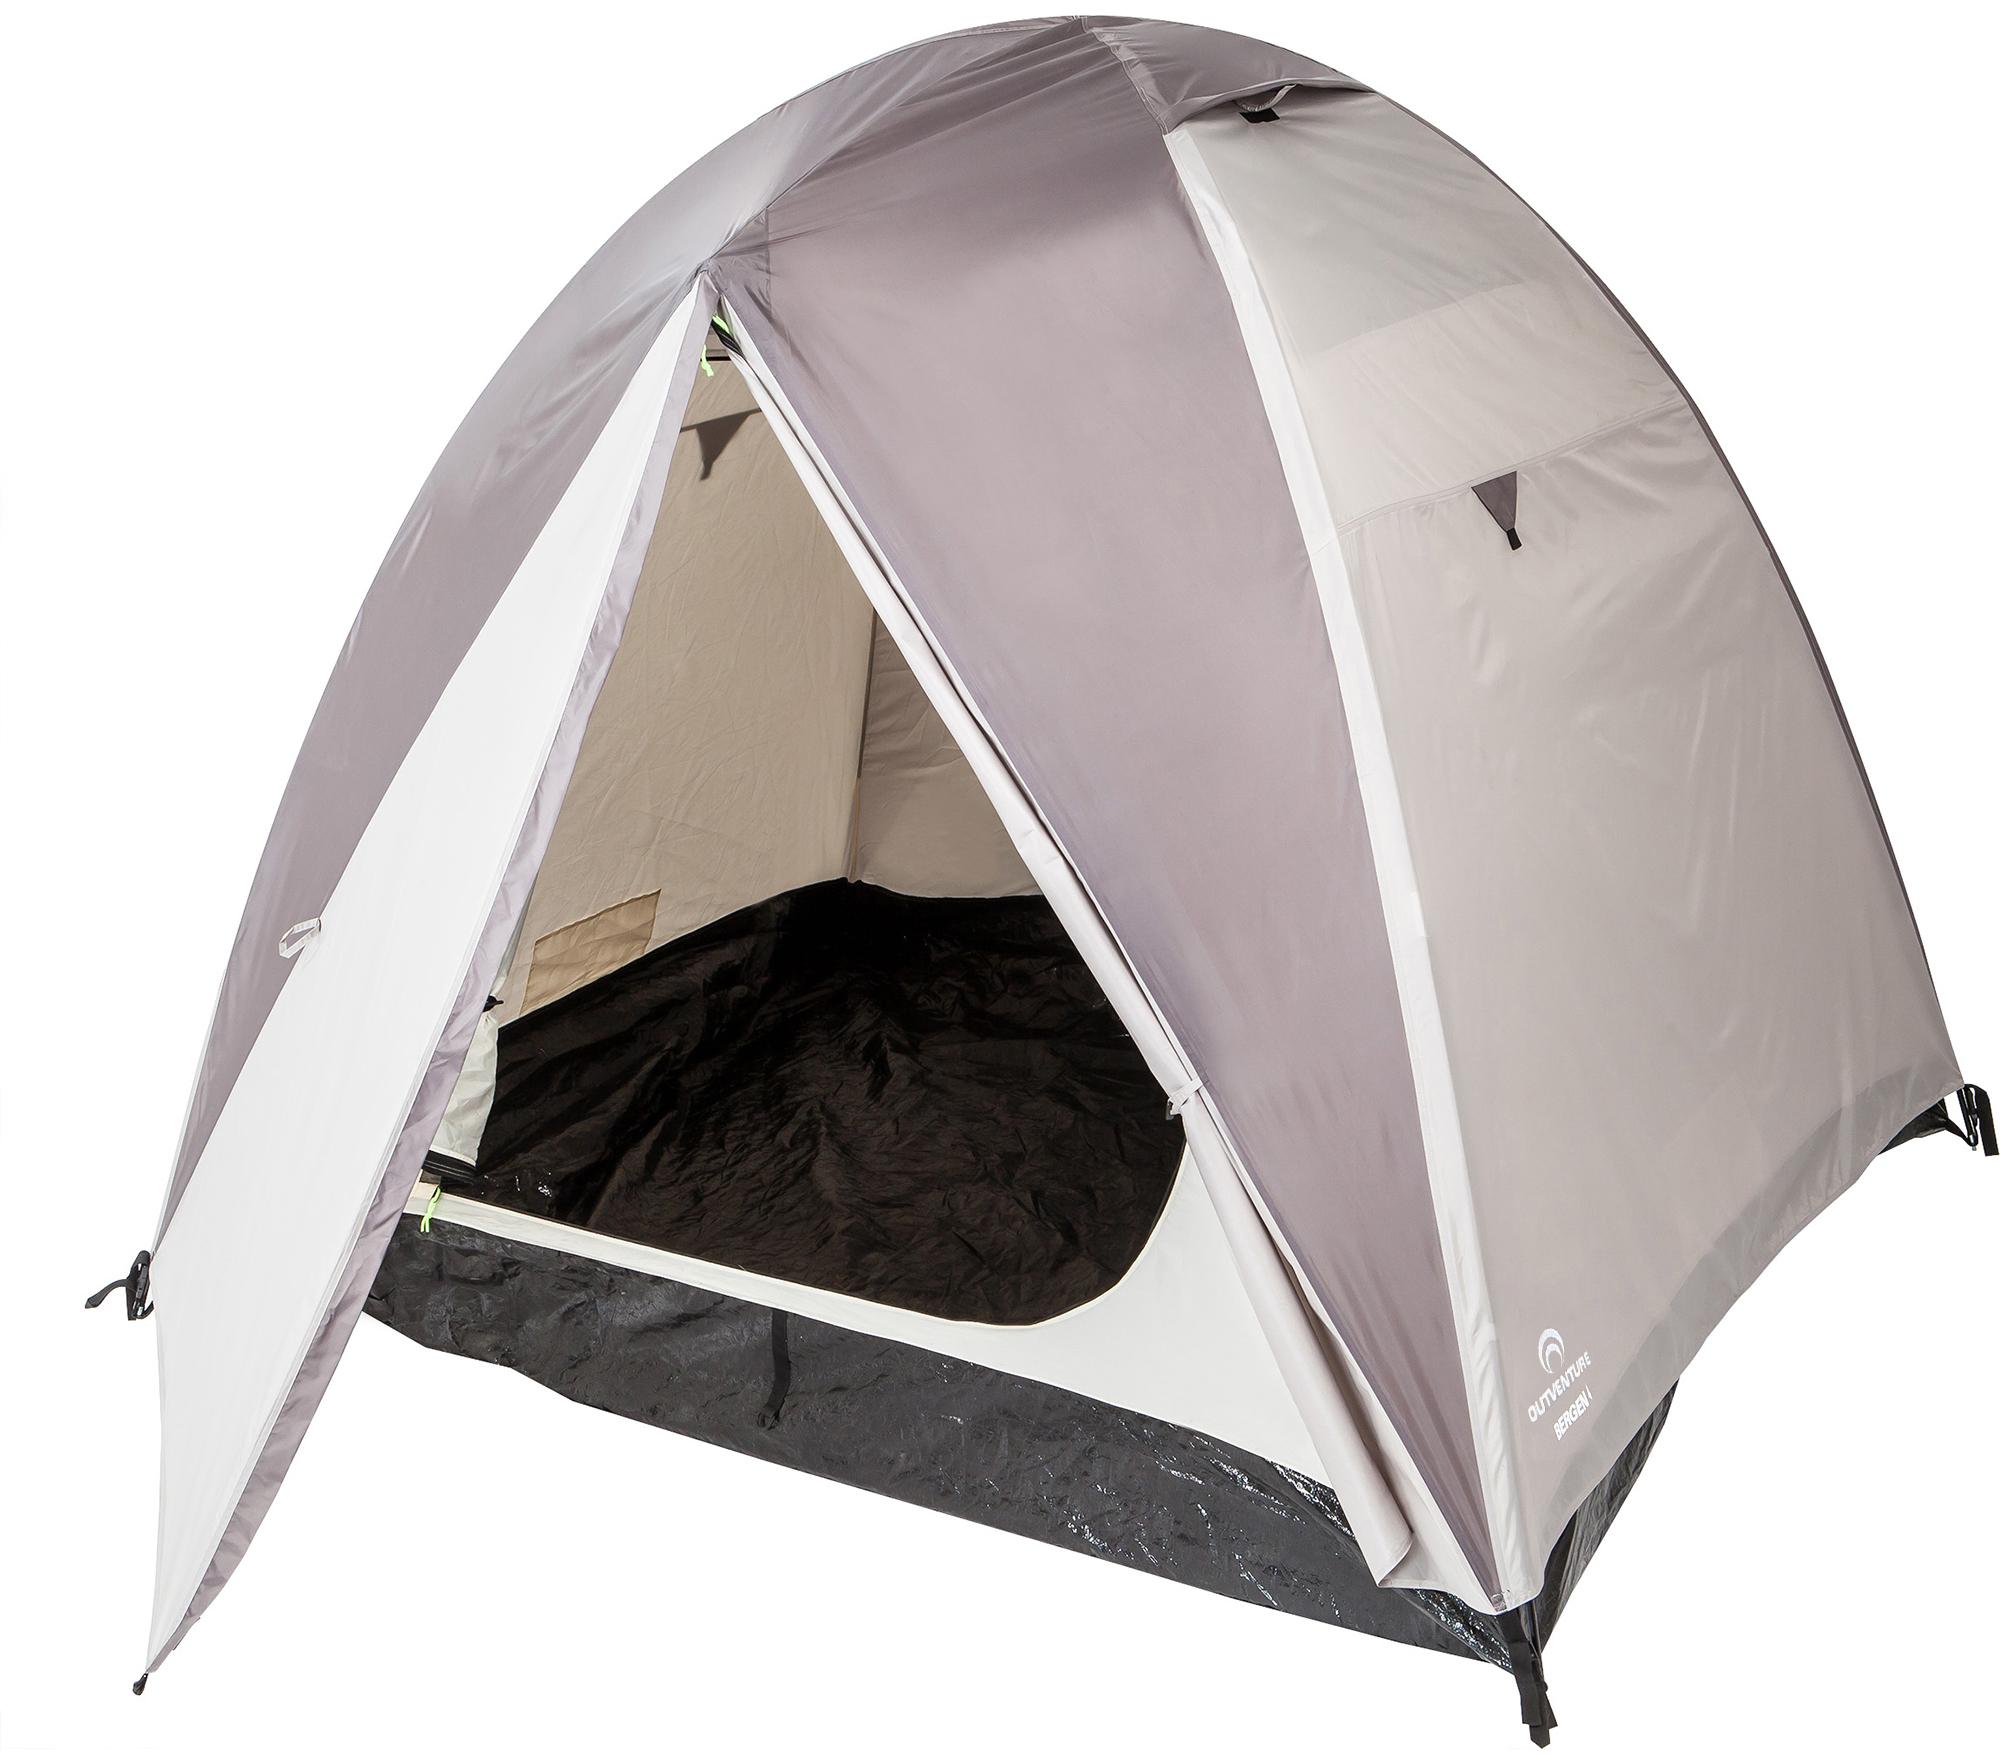 Outventure Палатка 4-местная Outventure Bergen 4 зимняя палатка медведь 4 купить